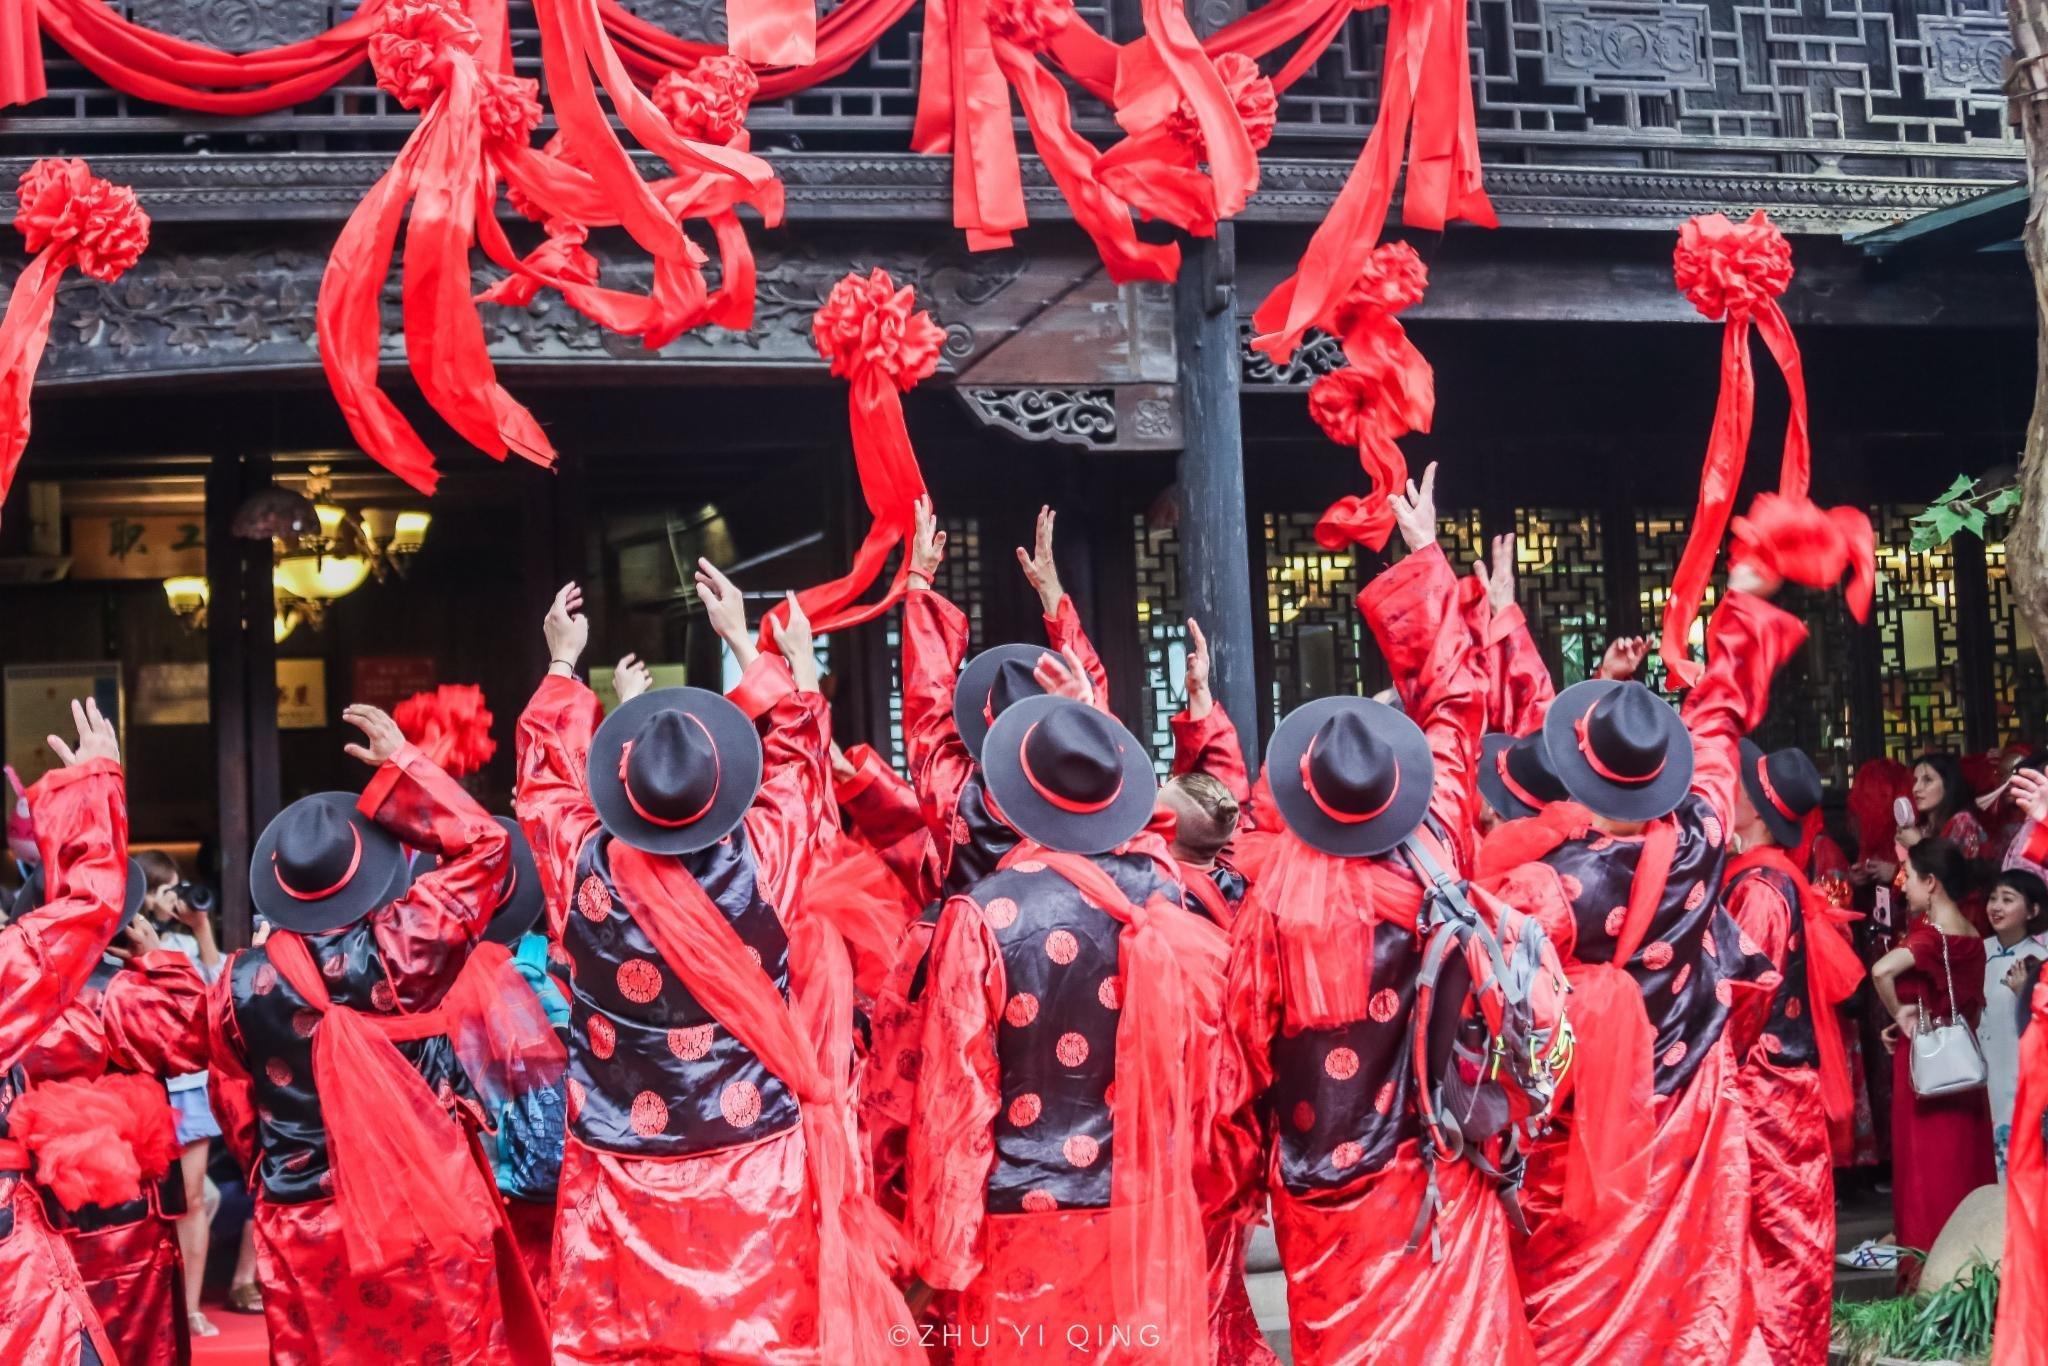 老外也爱中华文化,在南浔看25对外国人集体办中式水乡婚礼